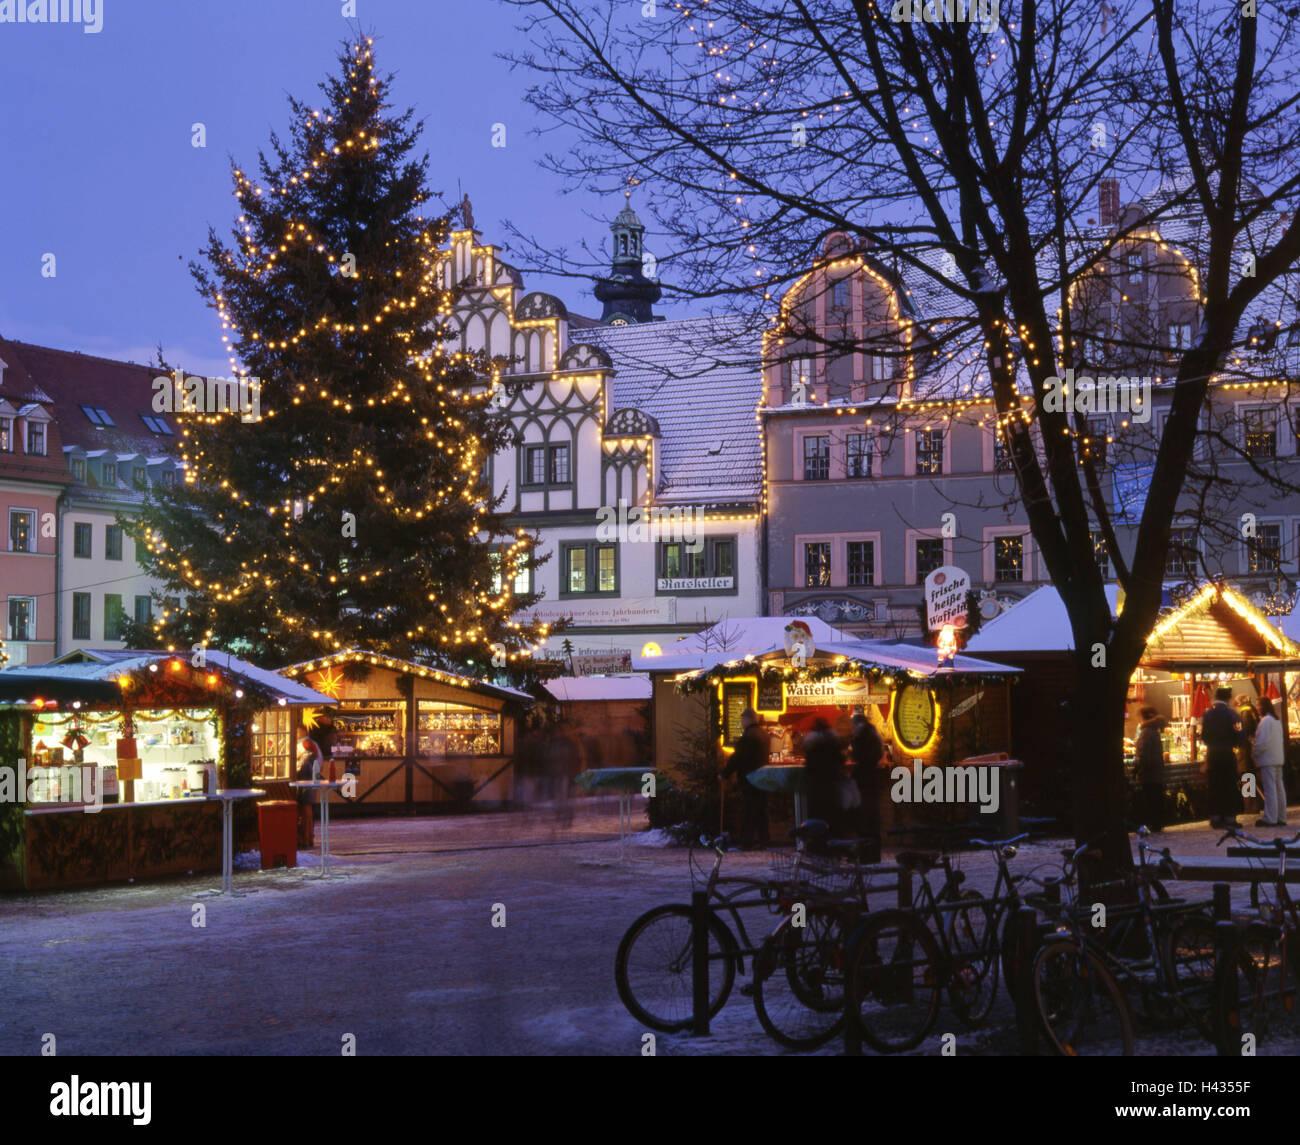 deutschland th ringen weimar weihnachtsmarkt stimmung. Black Bedroom Furniture Sets. Home Design Ideas